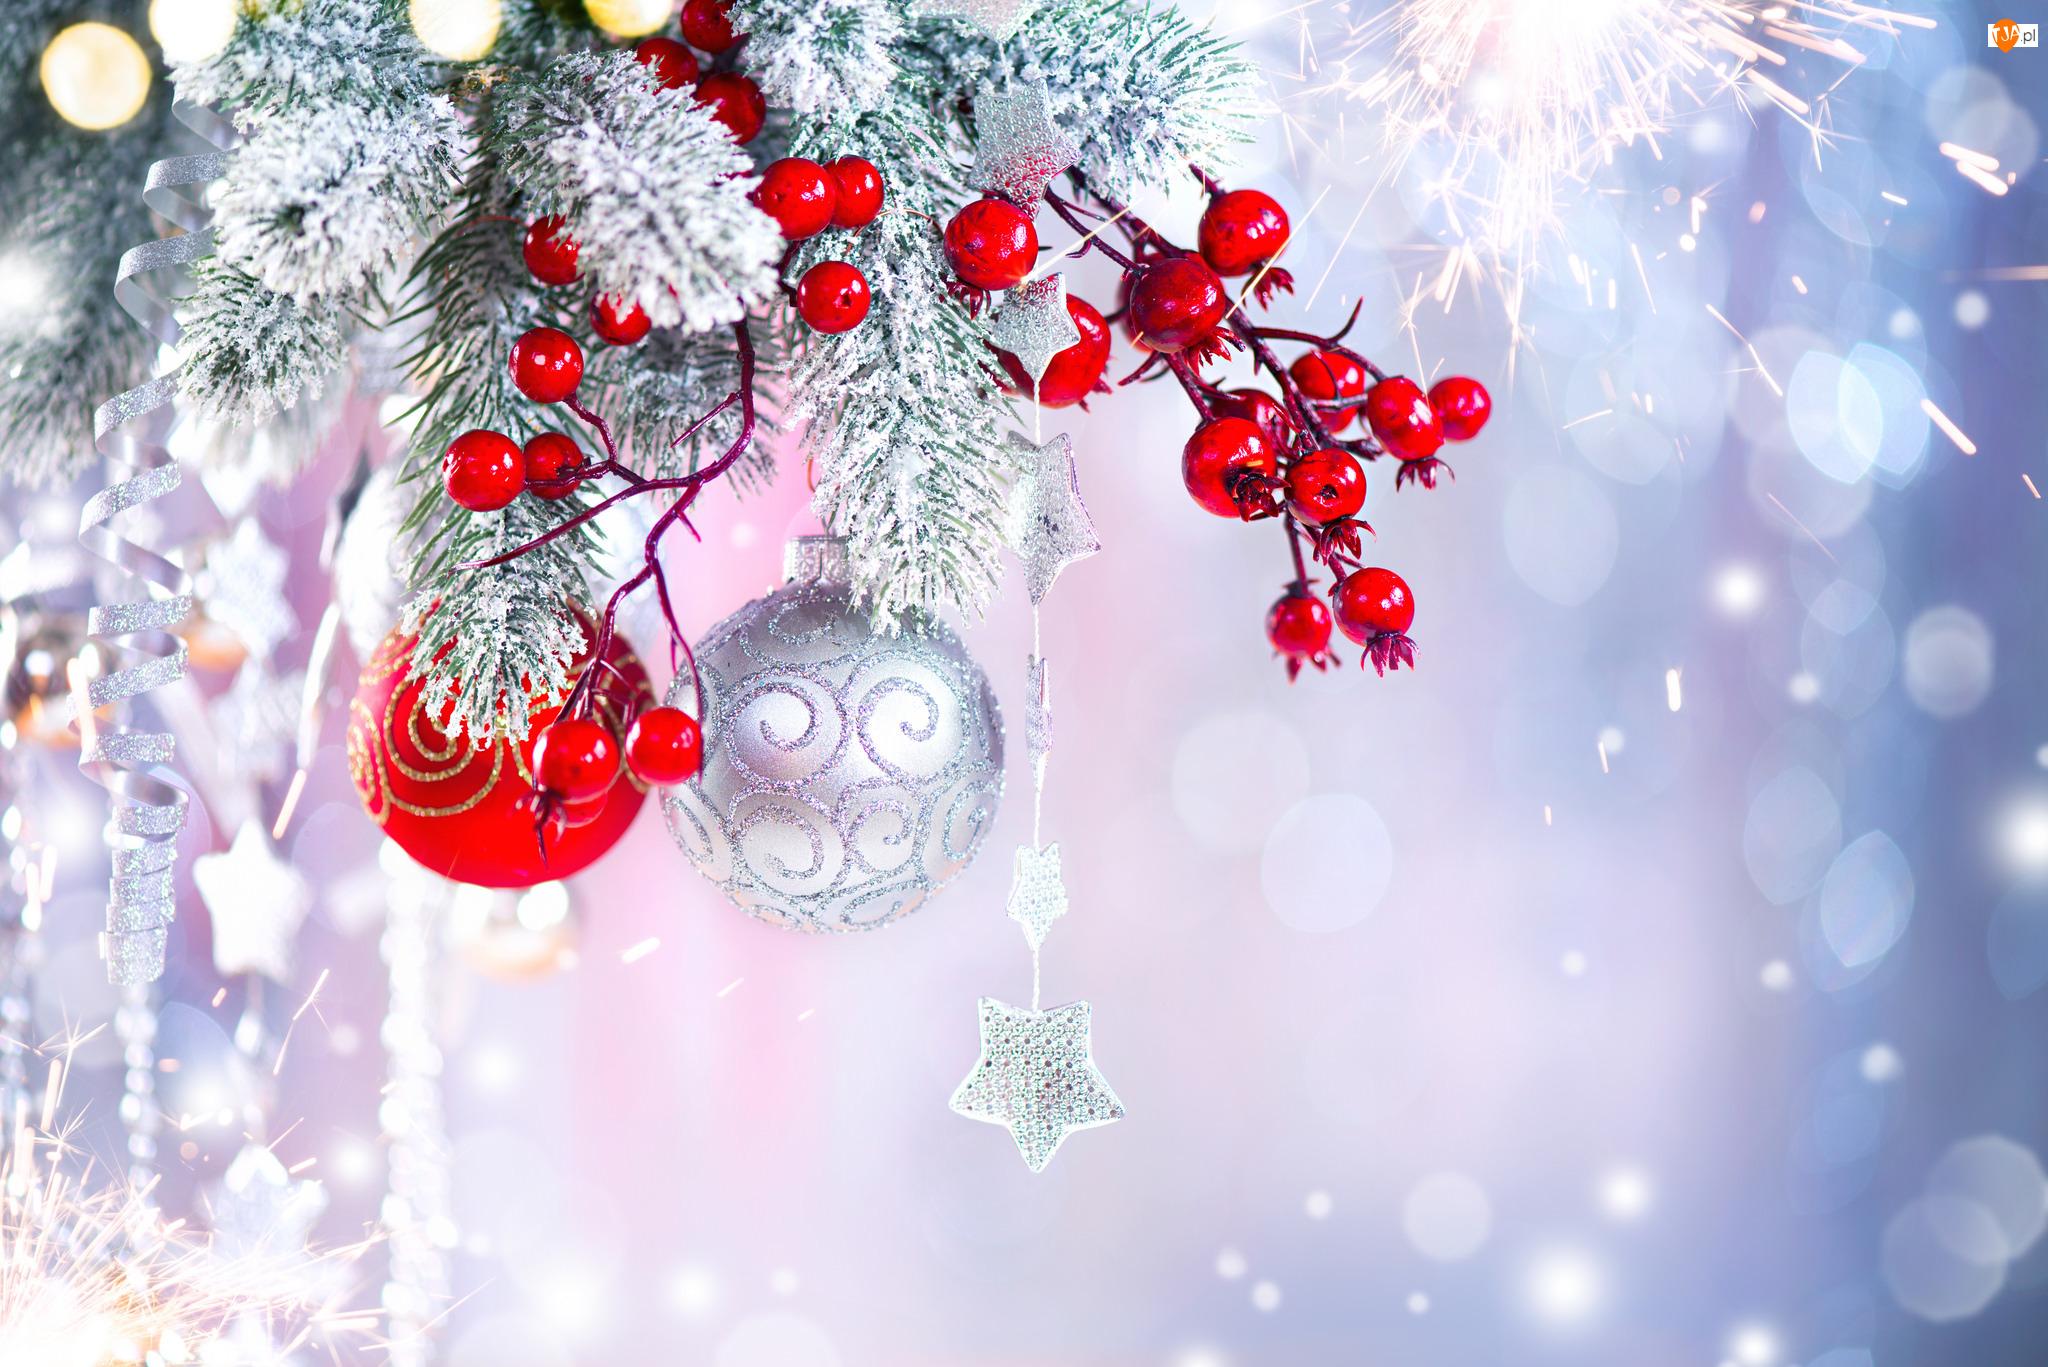 Śnieg, Dekoracja, Bombki, Świąteczna, Gałązki